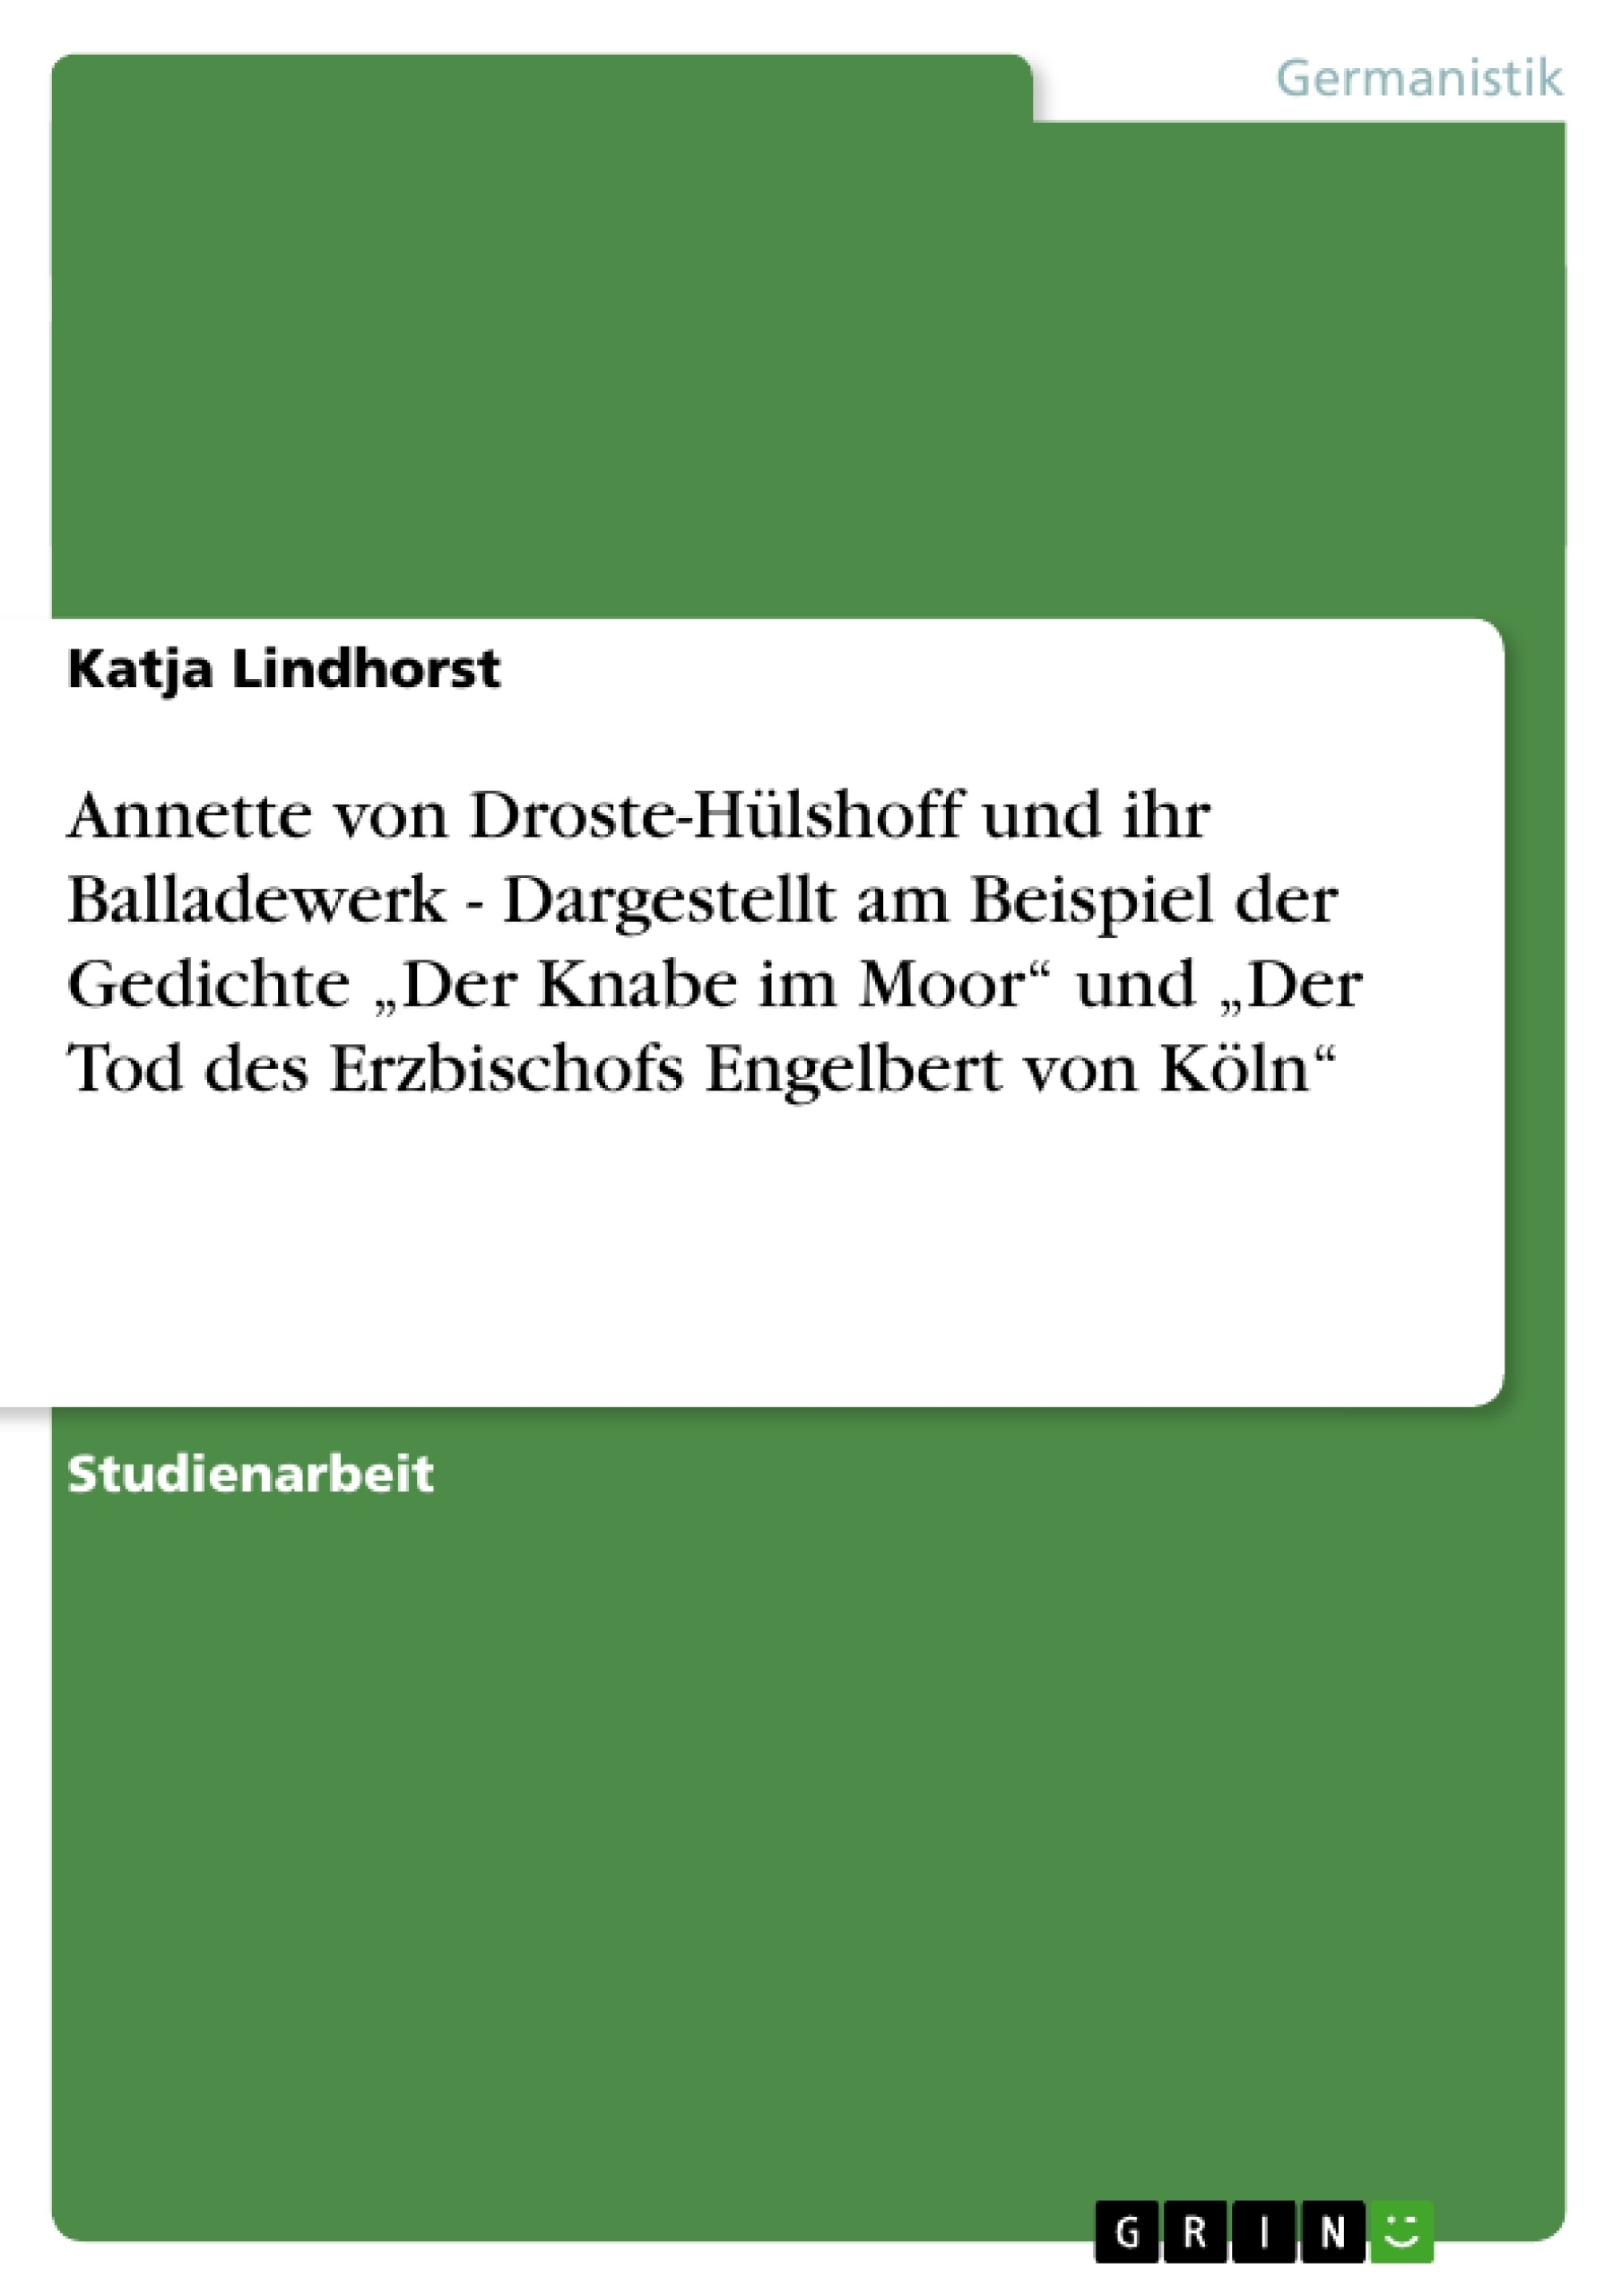 """Titel: Annette von Droste-Hülshoff und ihr Balladewerk - Dargestellt am Beispiel der Gedichte """"Der Knabe im Moor"""" und """"Der Tod des Erzbischofs Engelbert von Köln"""""""